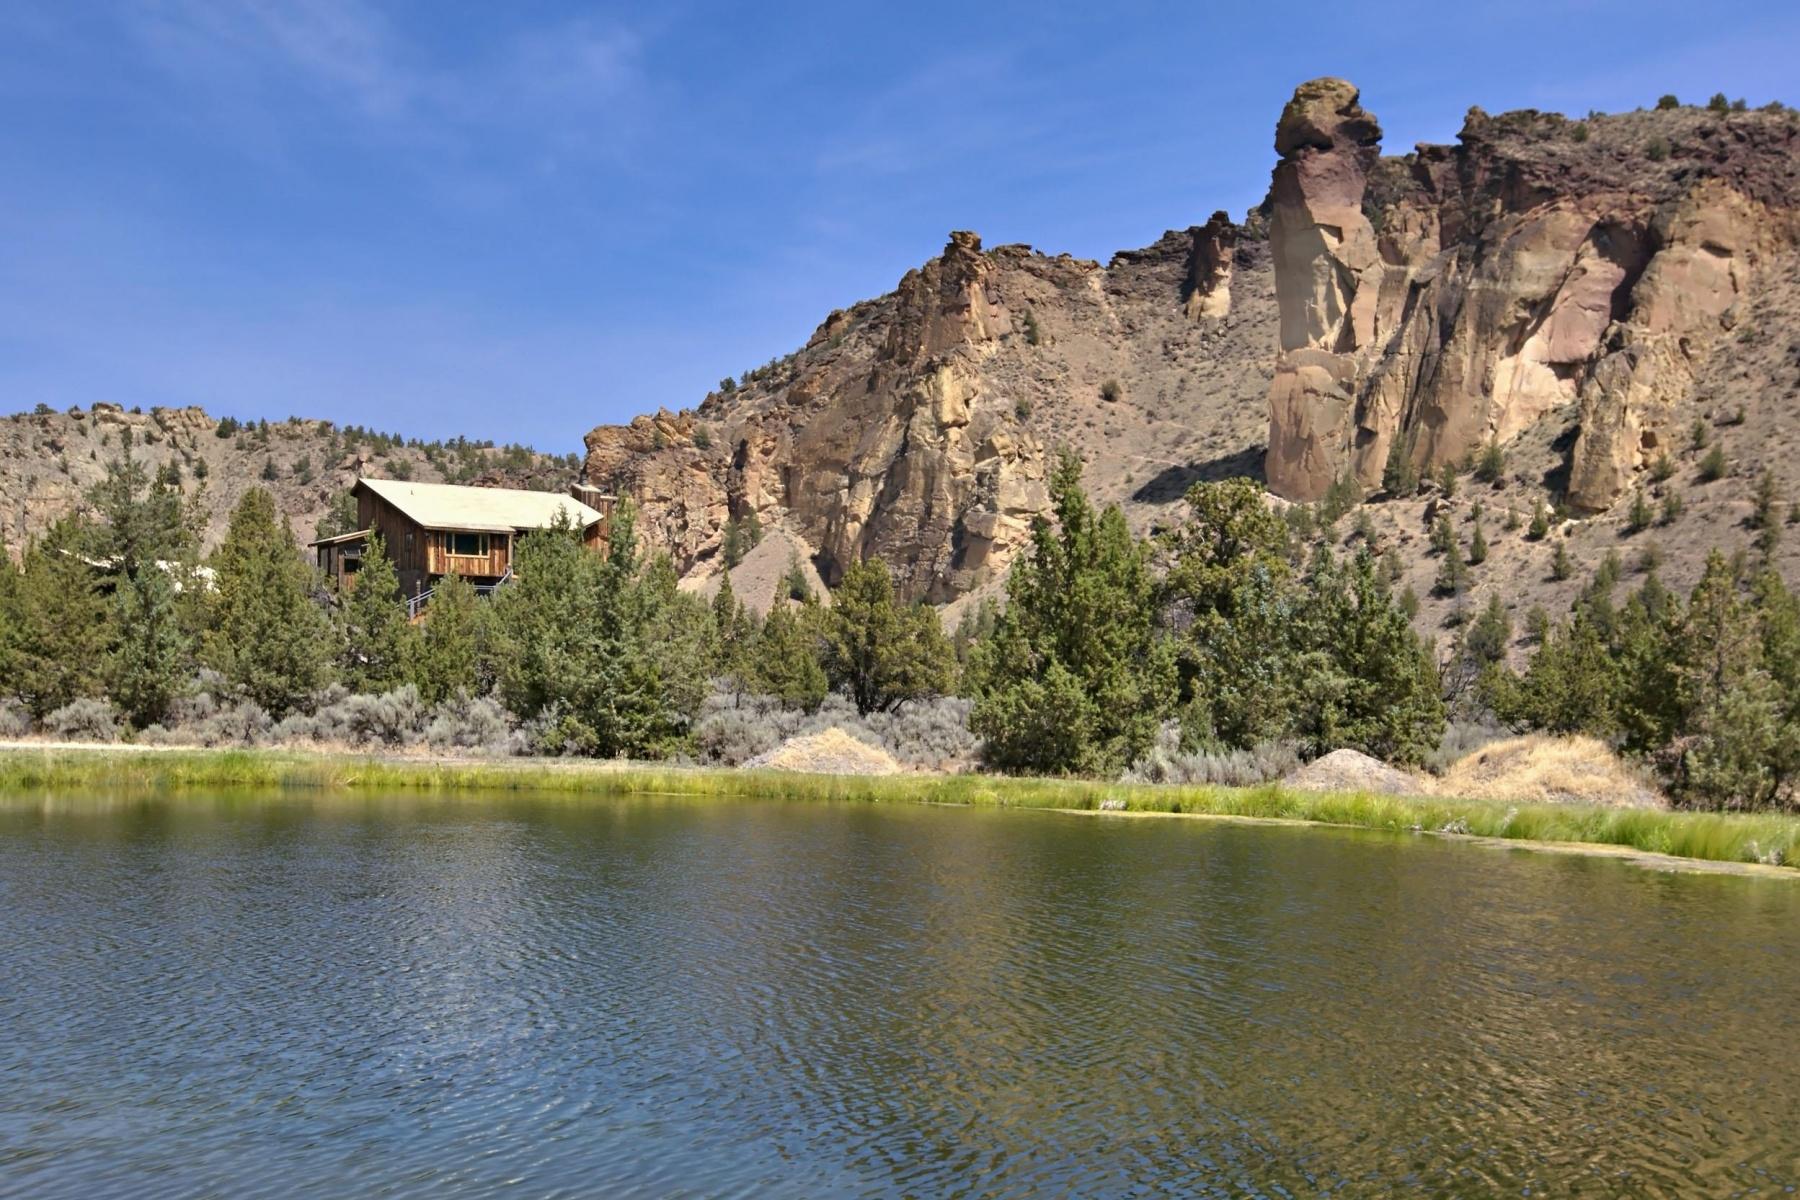 独户住宅 为 销售 在 Ranch at the Canyons 10400 NE Canyons Ranch Dr Terrebonne, 俄勒冈州 97760 美国